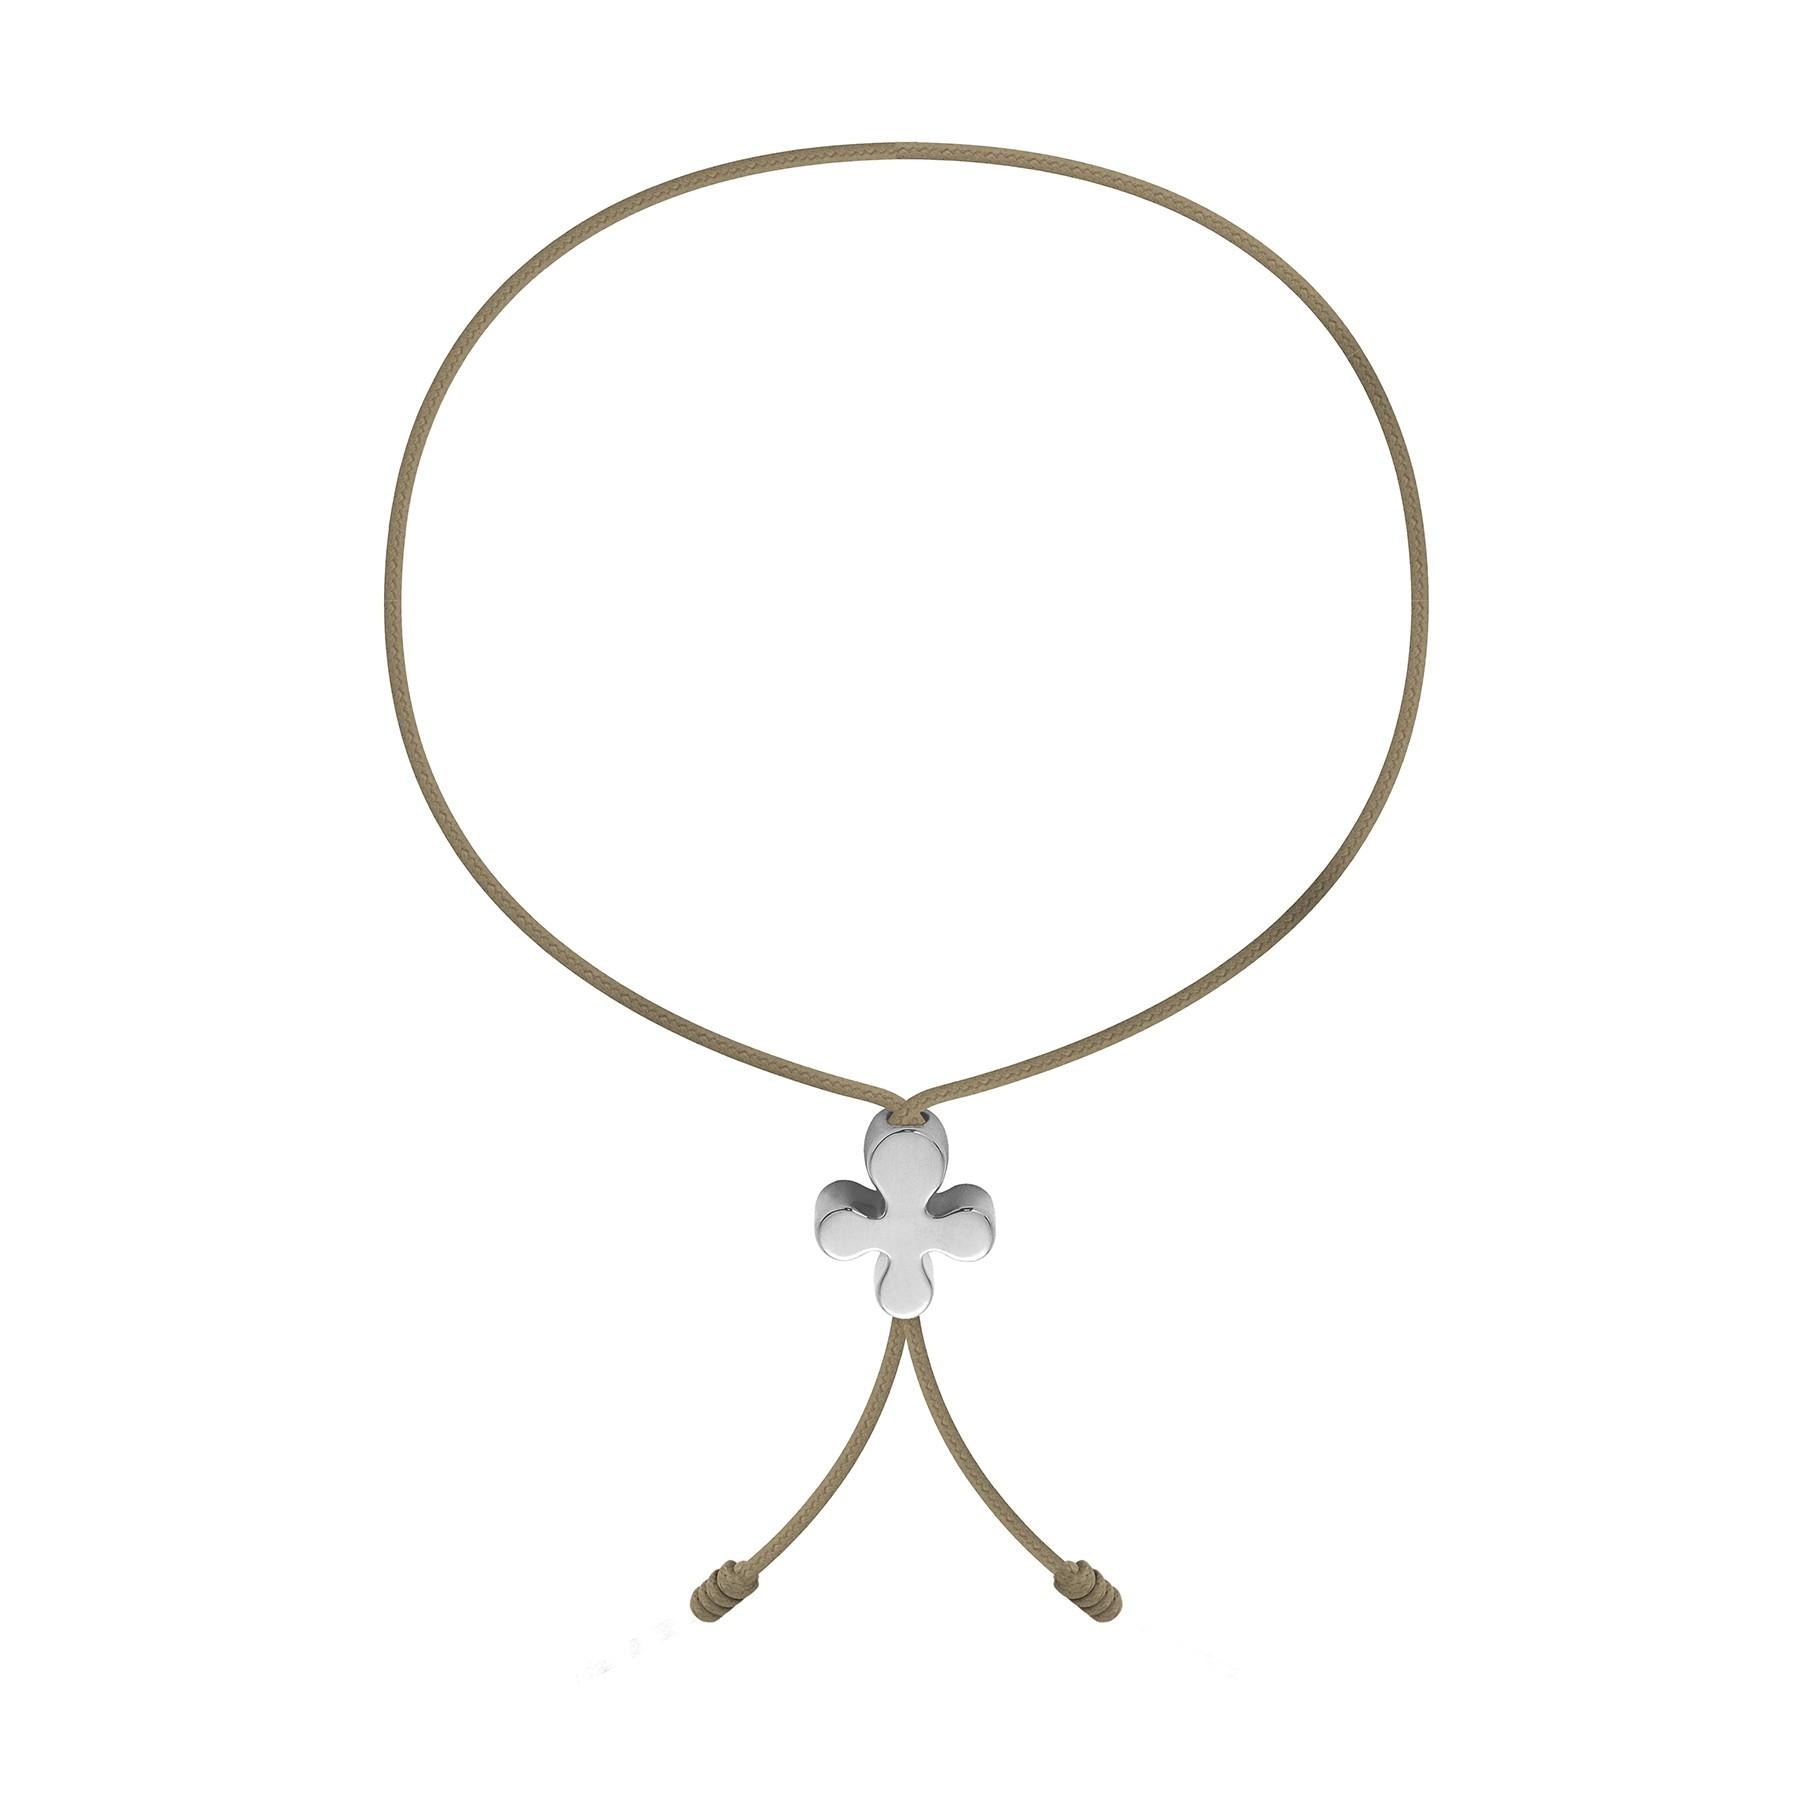 Bracelet avec Clover Lock en or blanc poinçon 585, de 1 cm sur un cordon fin de couleur de cappuccino clair